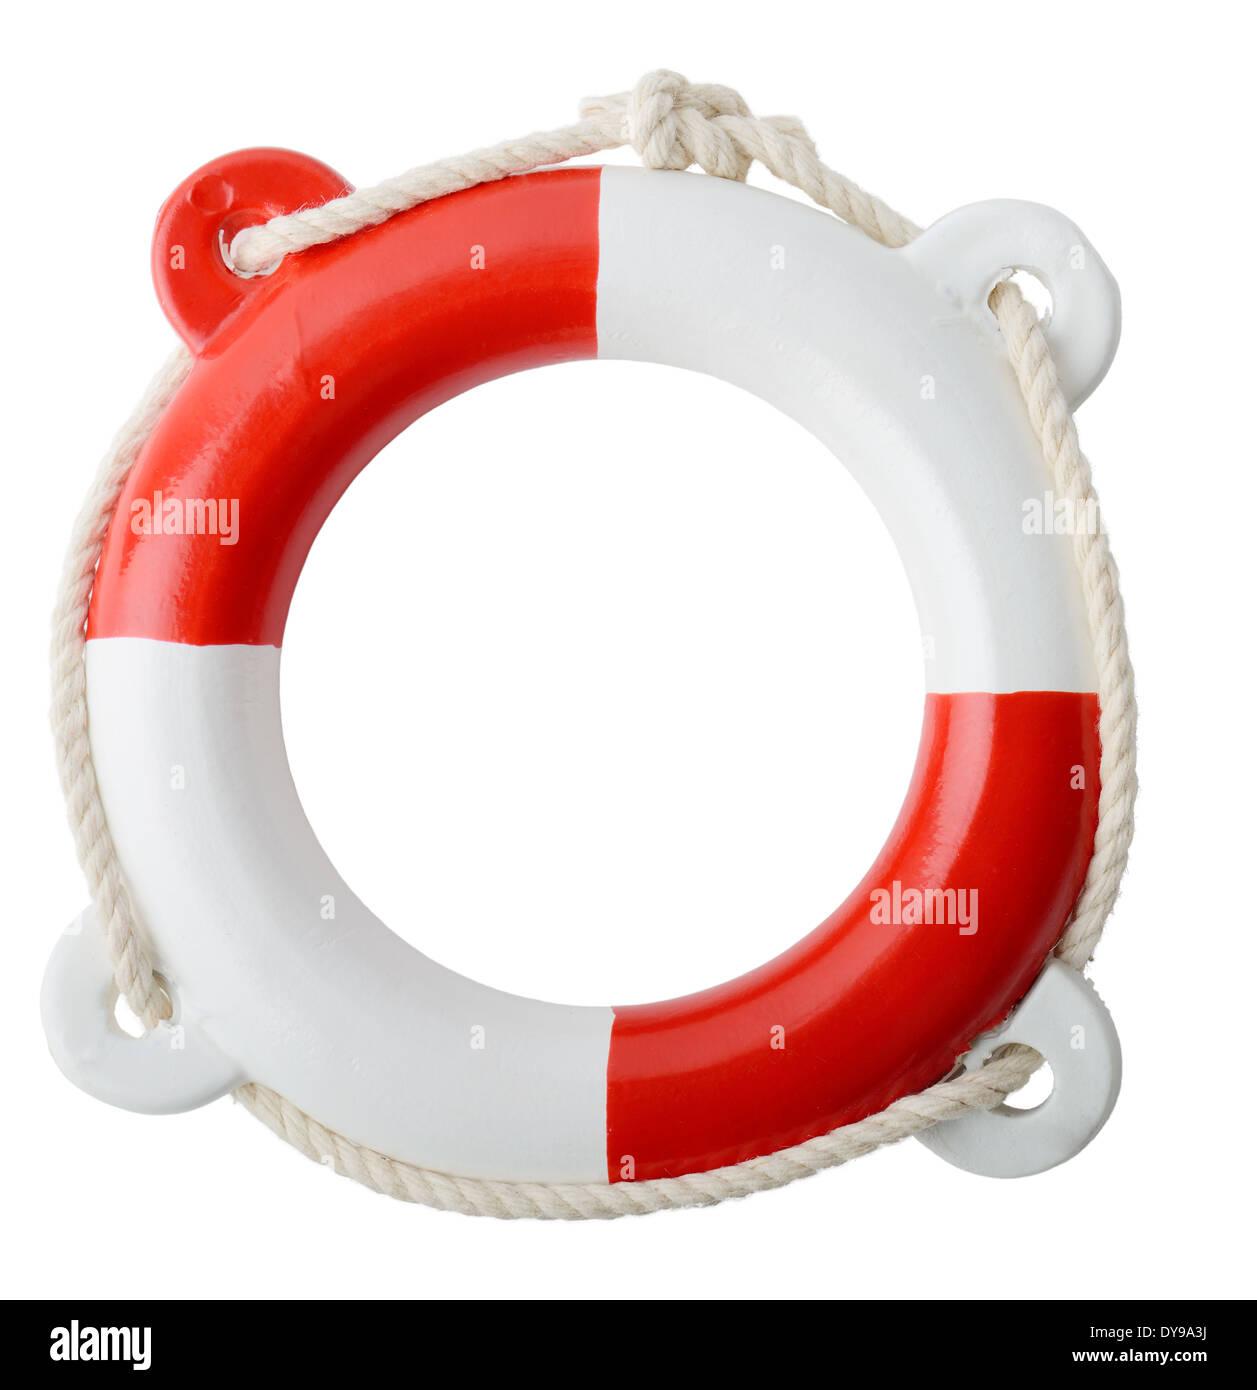 ein Makro ein Rettungsring isoliert auf weißem Hintergrund Stockbild